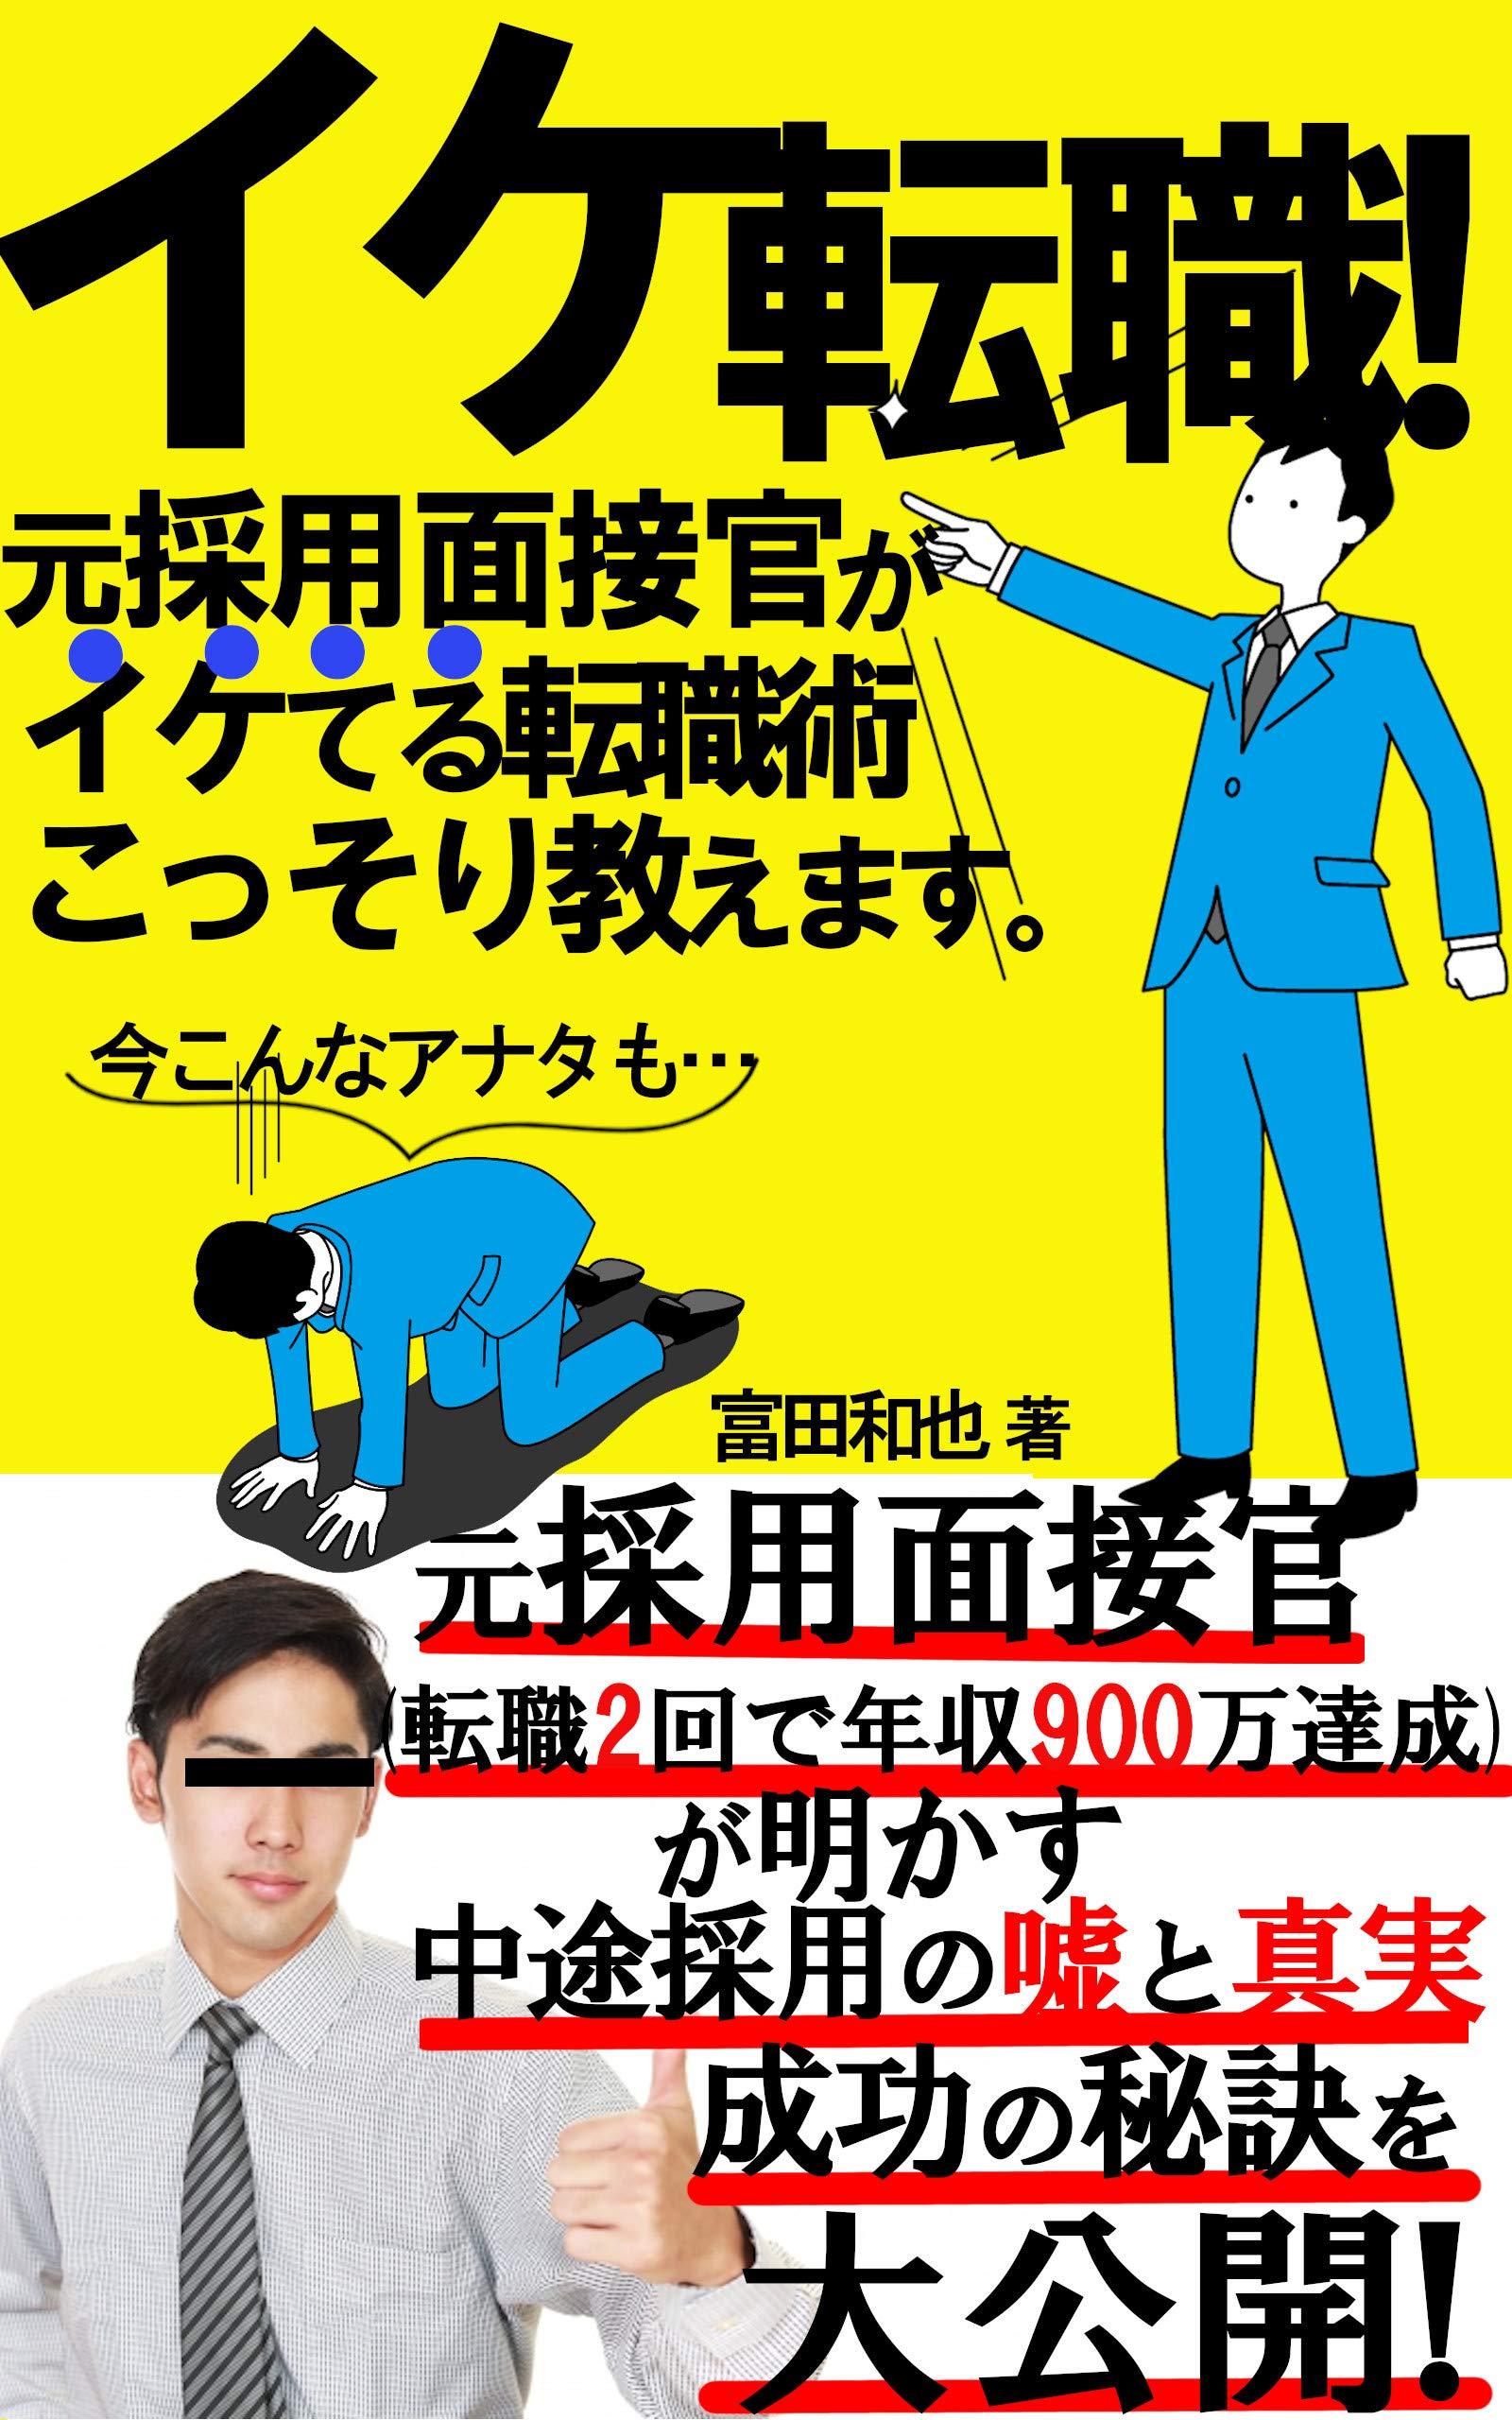 iketenshokumotosaiyomensetsukangaiketerutenshokujutsukossorioshiemasu (Japanese Edition)